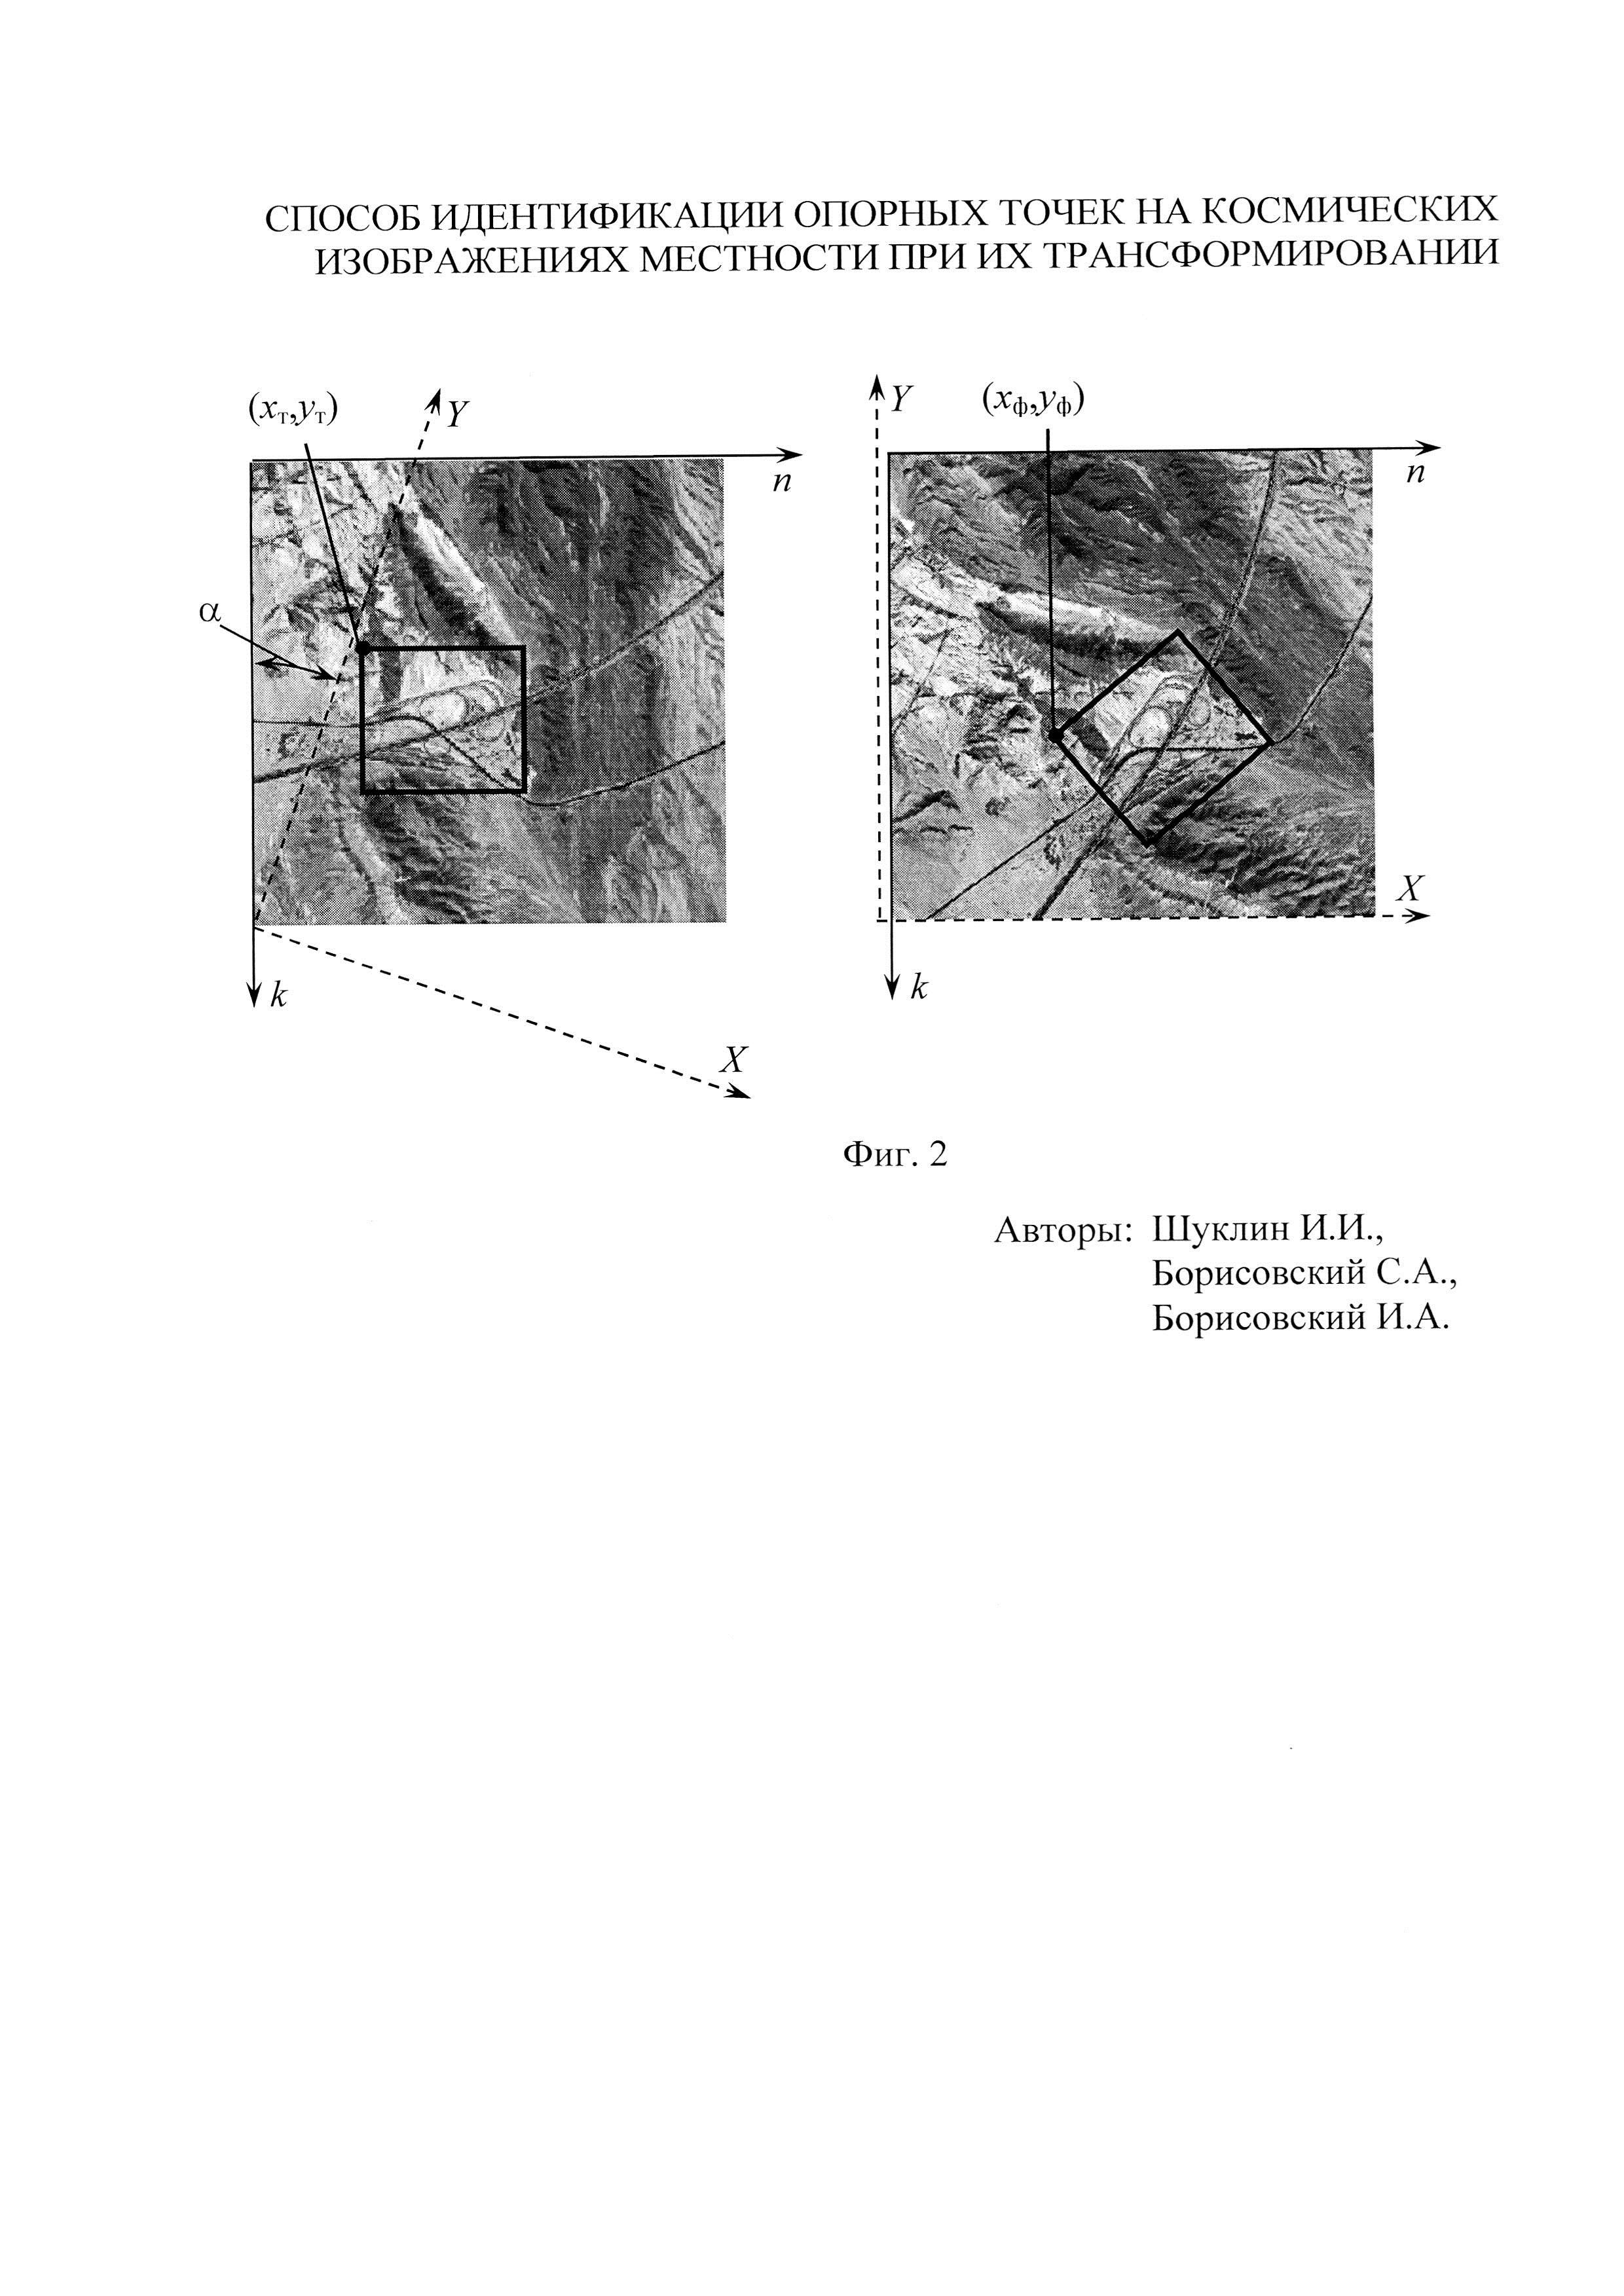 Способ идентификации опорных точек на космических изображениях местности при их трансформировании